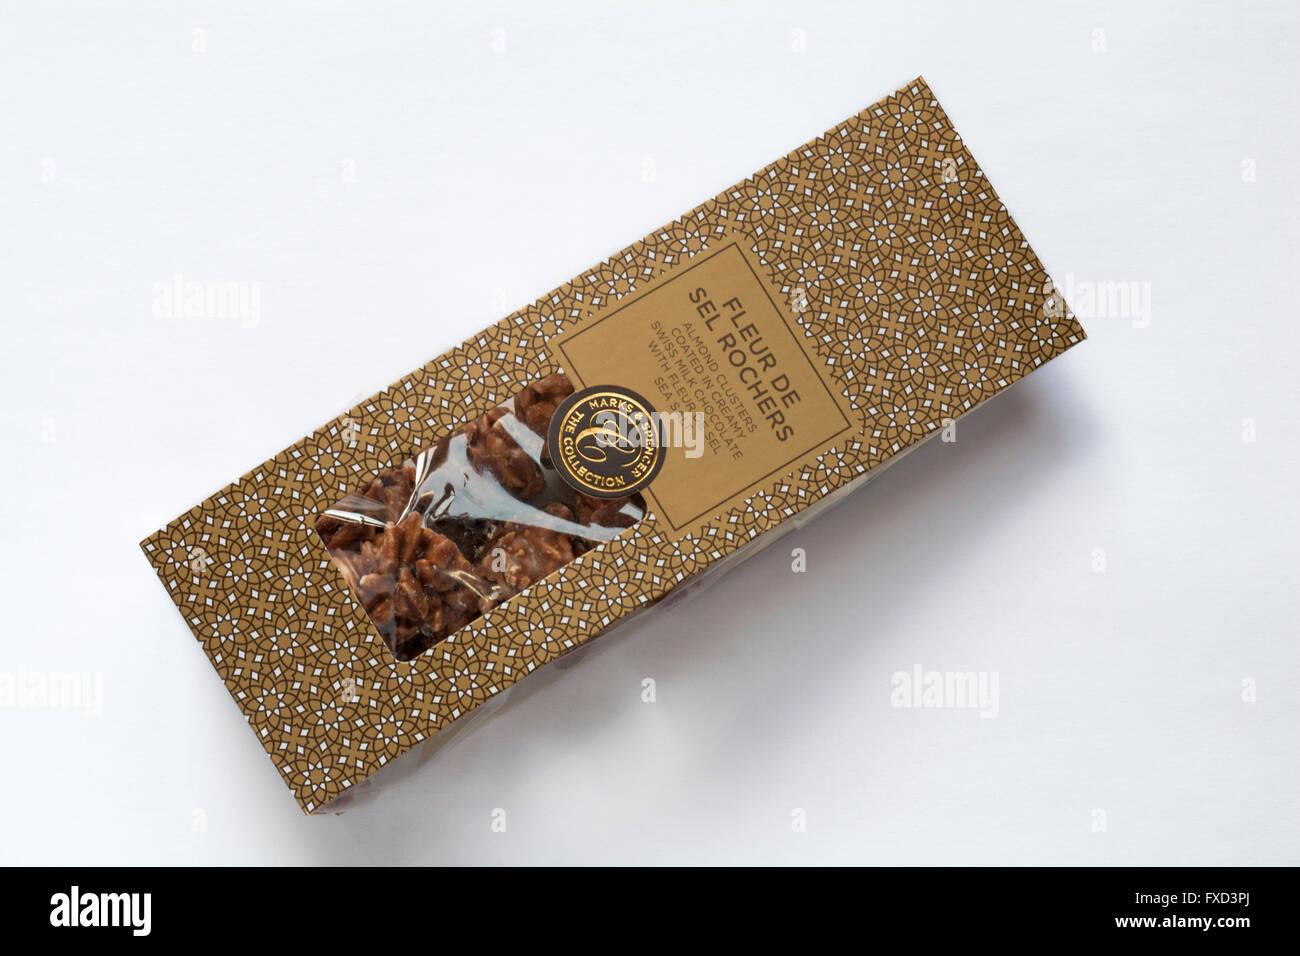 Paquet de Marks & Spencer à la Fleur de Sel chocolats rochers isolé sur fond blanc Photo Stock